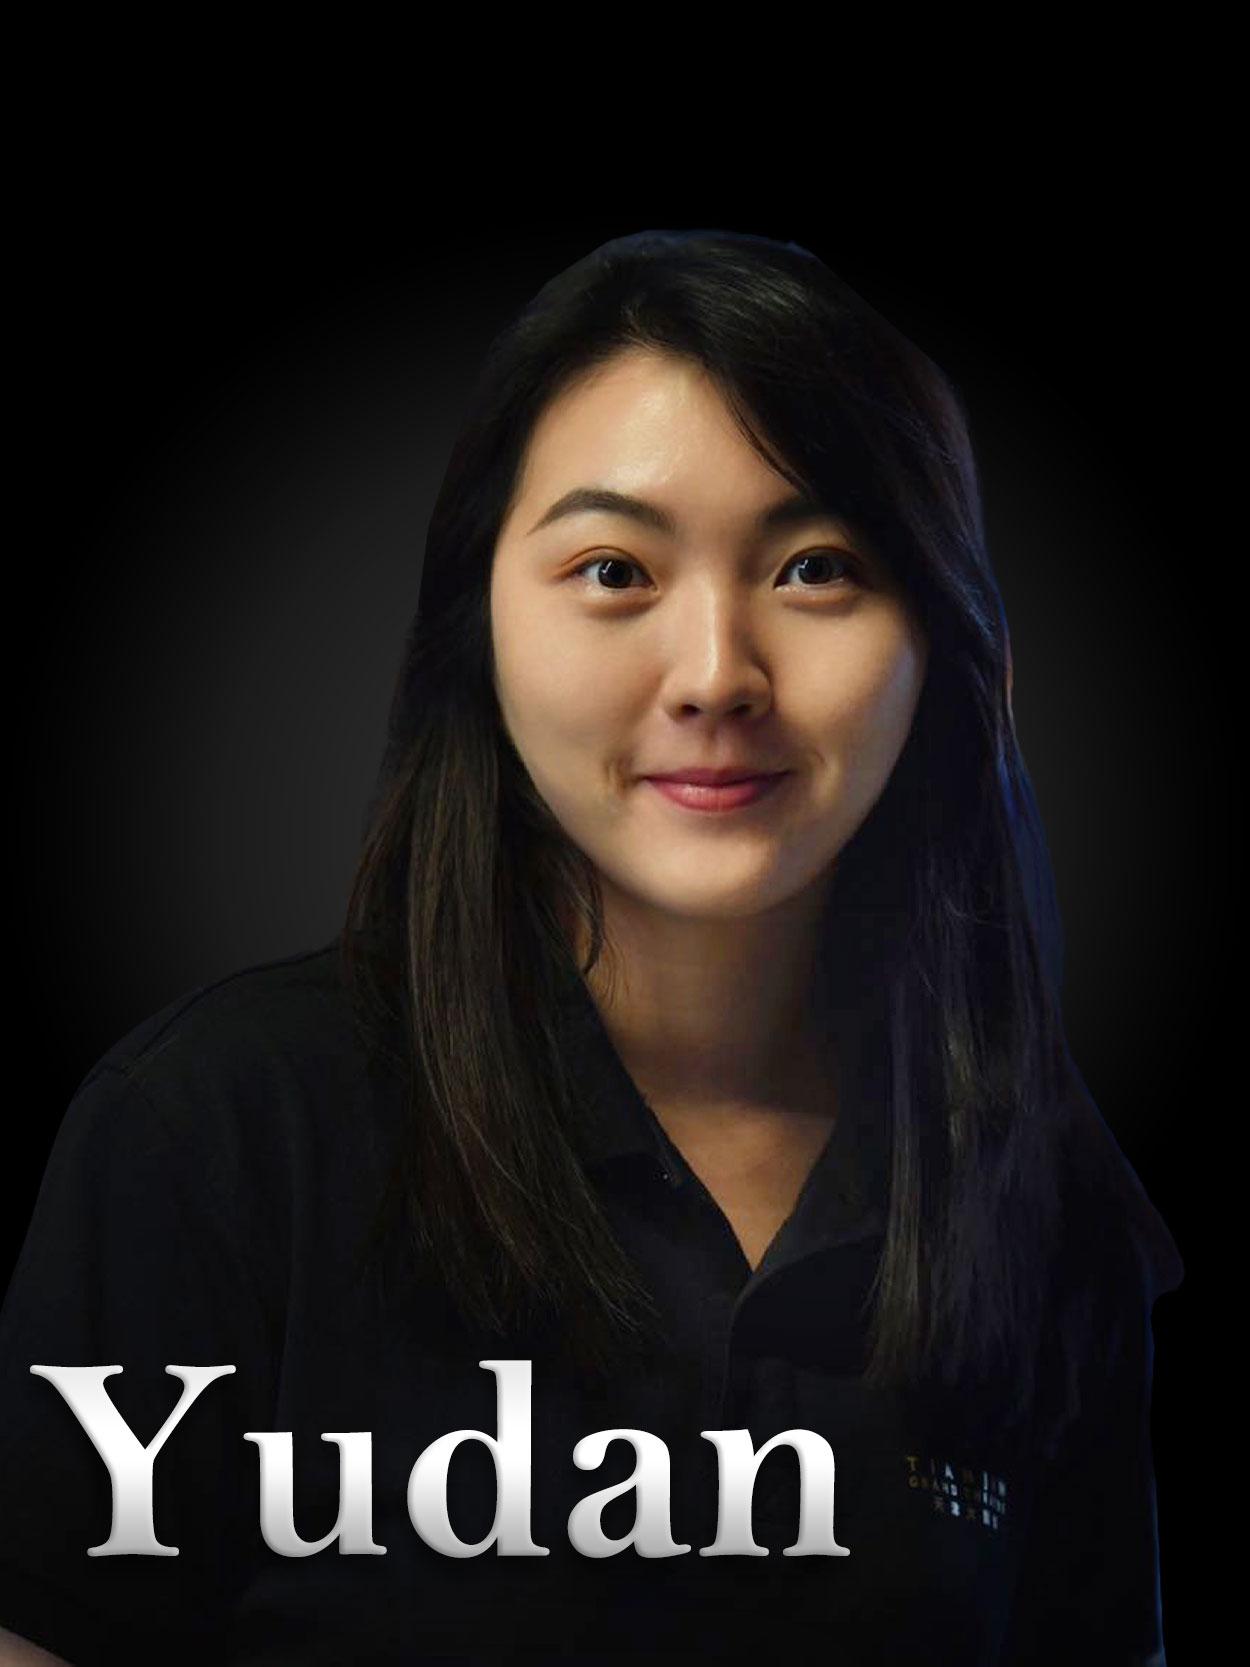 Yudan1